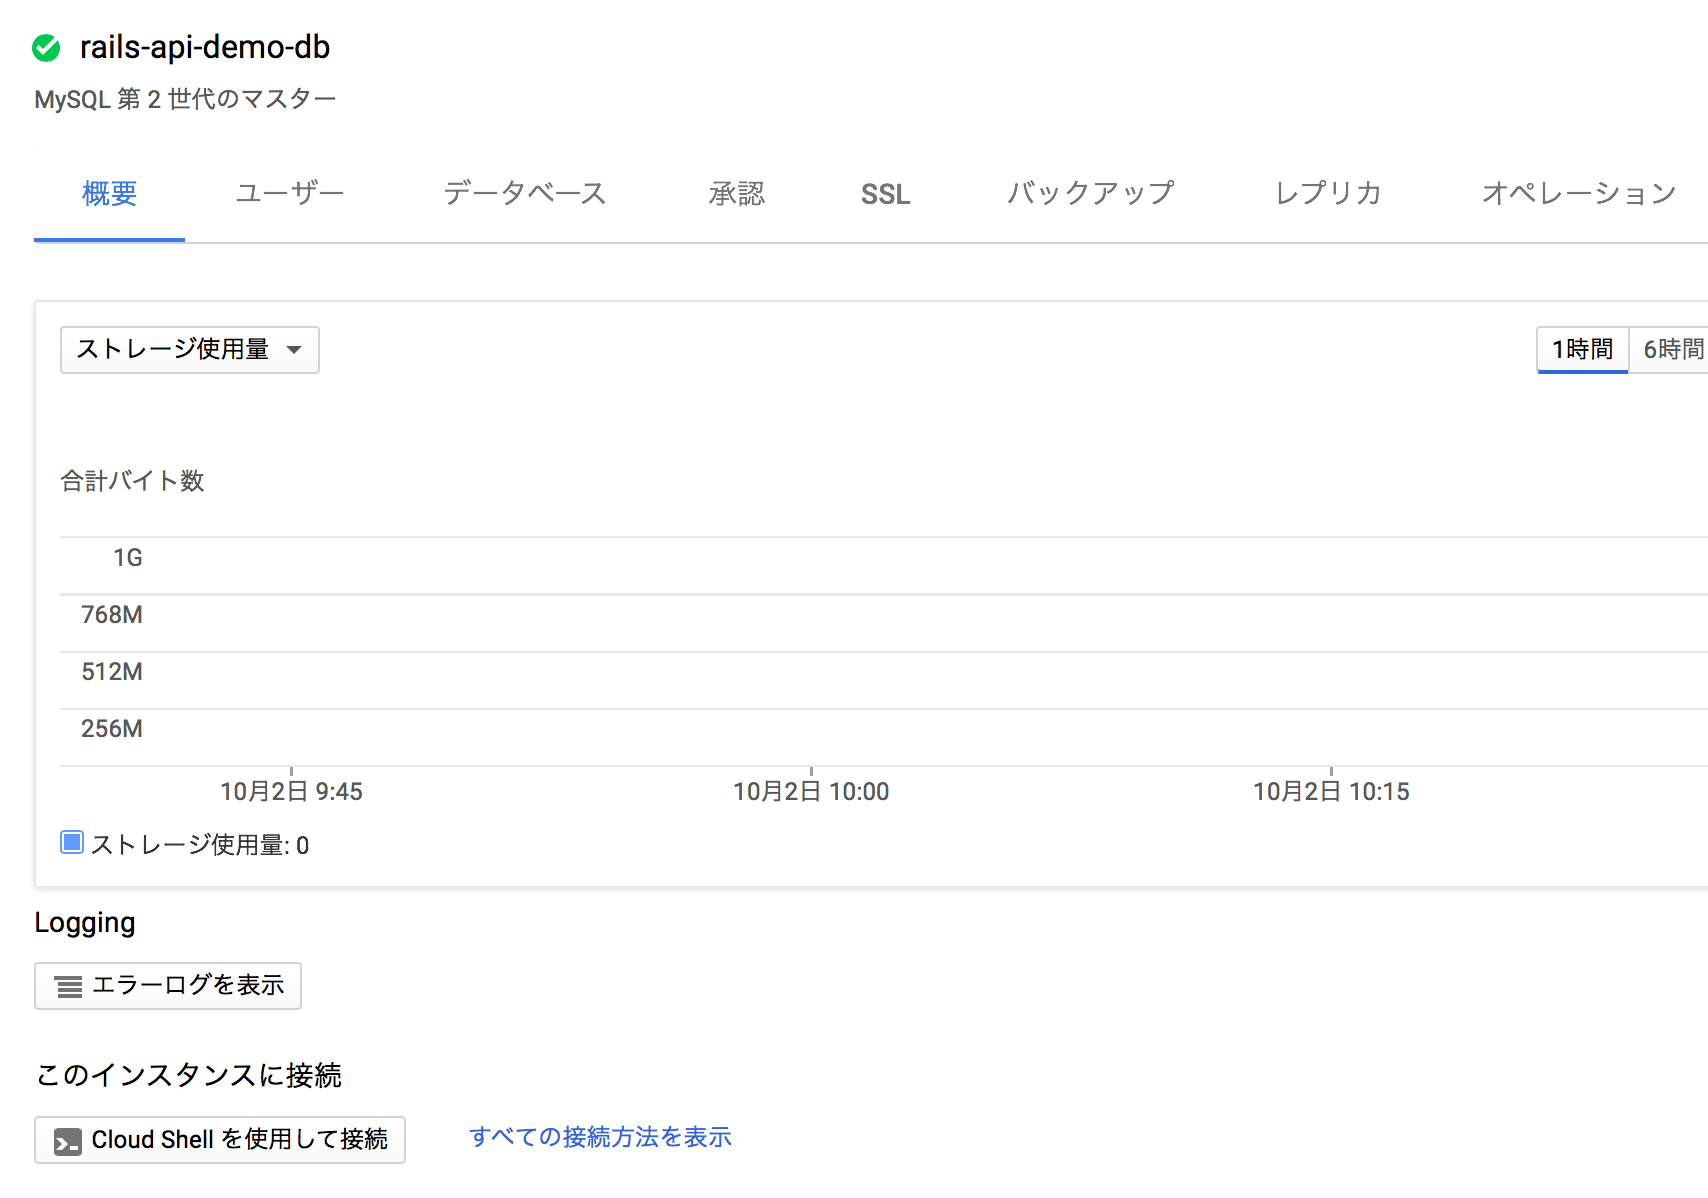 スクリーンショット 2017-10-02 10.41.24.png